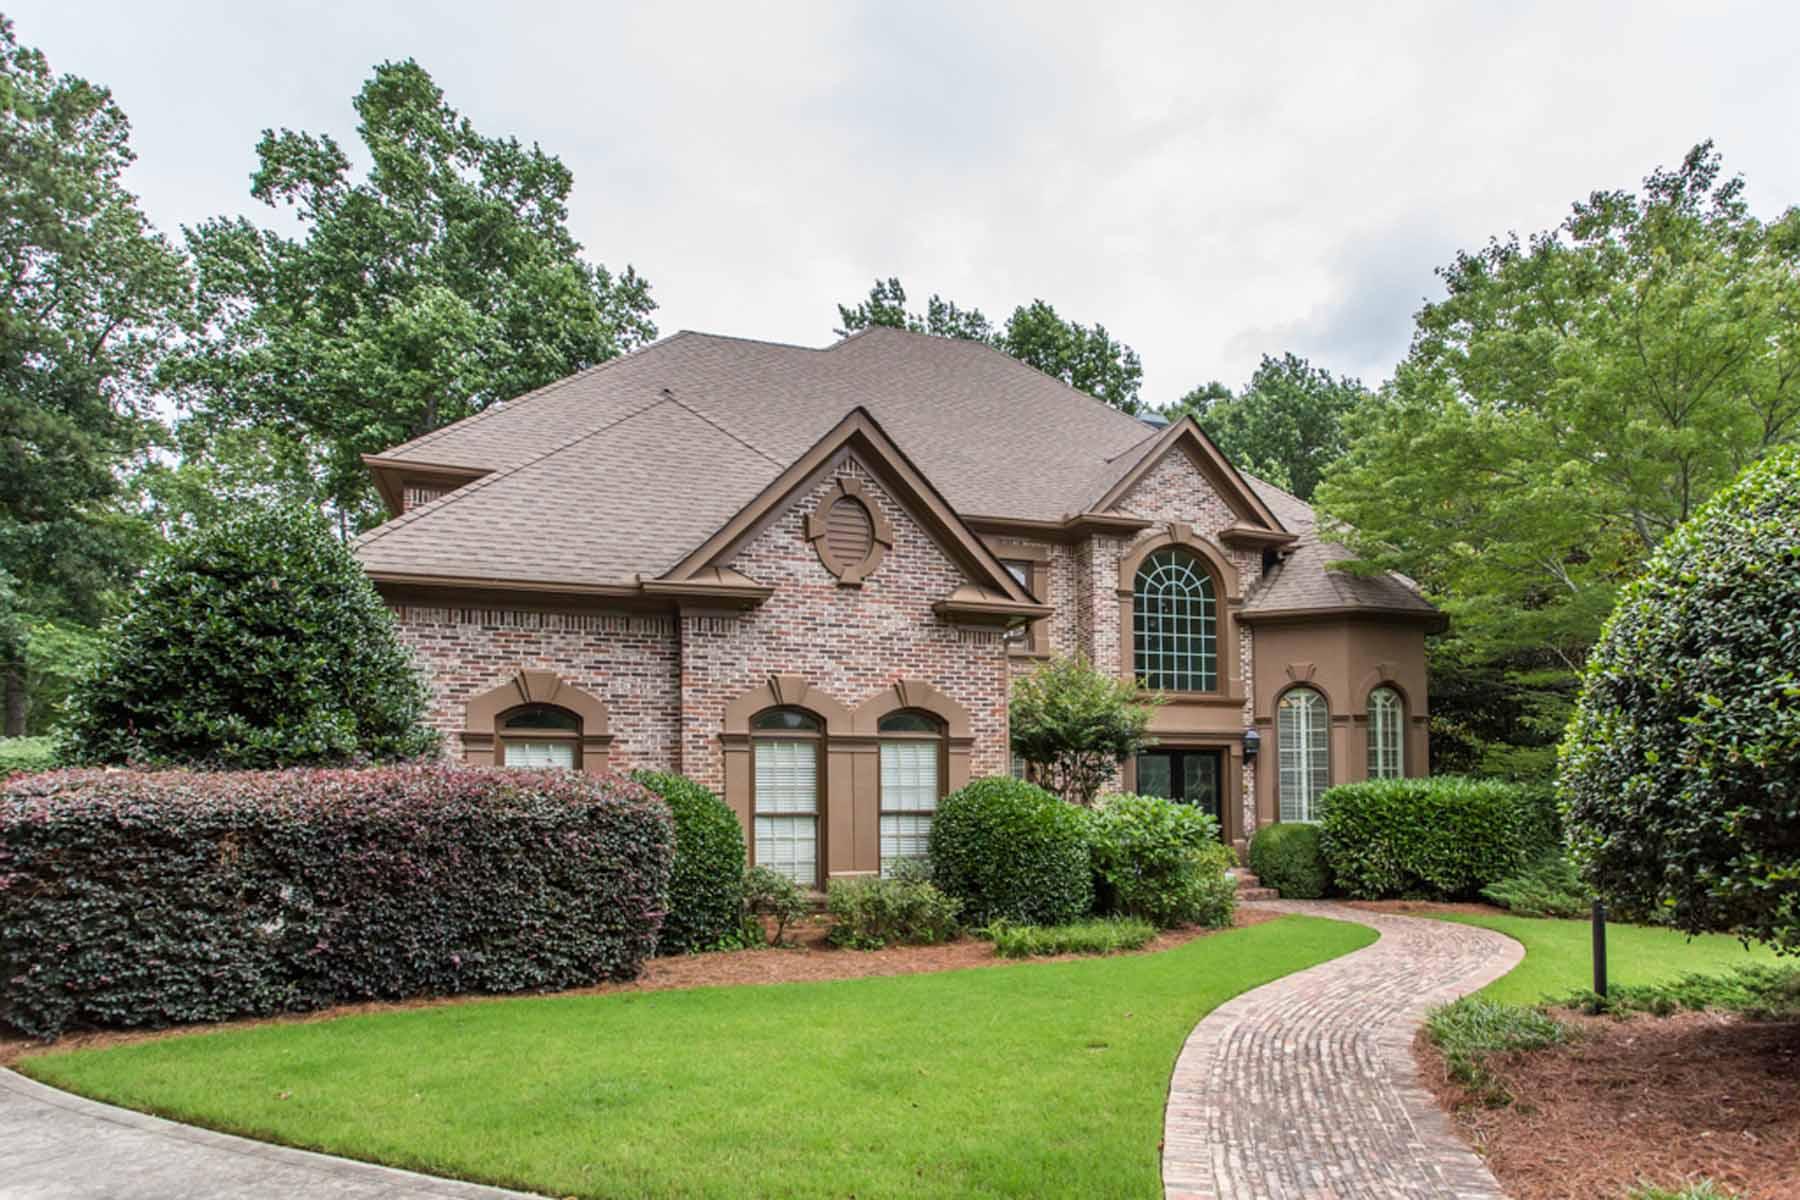 Villa per Vendita alle ore 575 Laurel Oaks Lane Alpharetta, Georgia, 30004 Stati Uniti